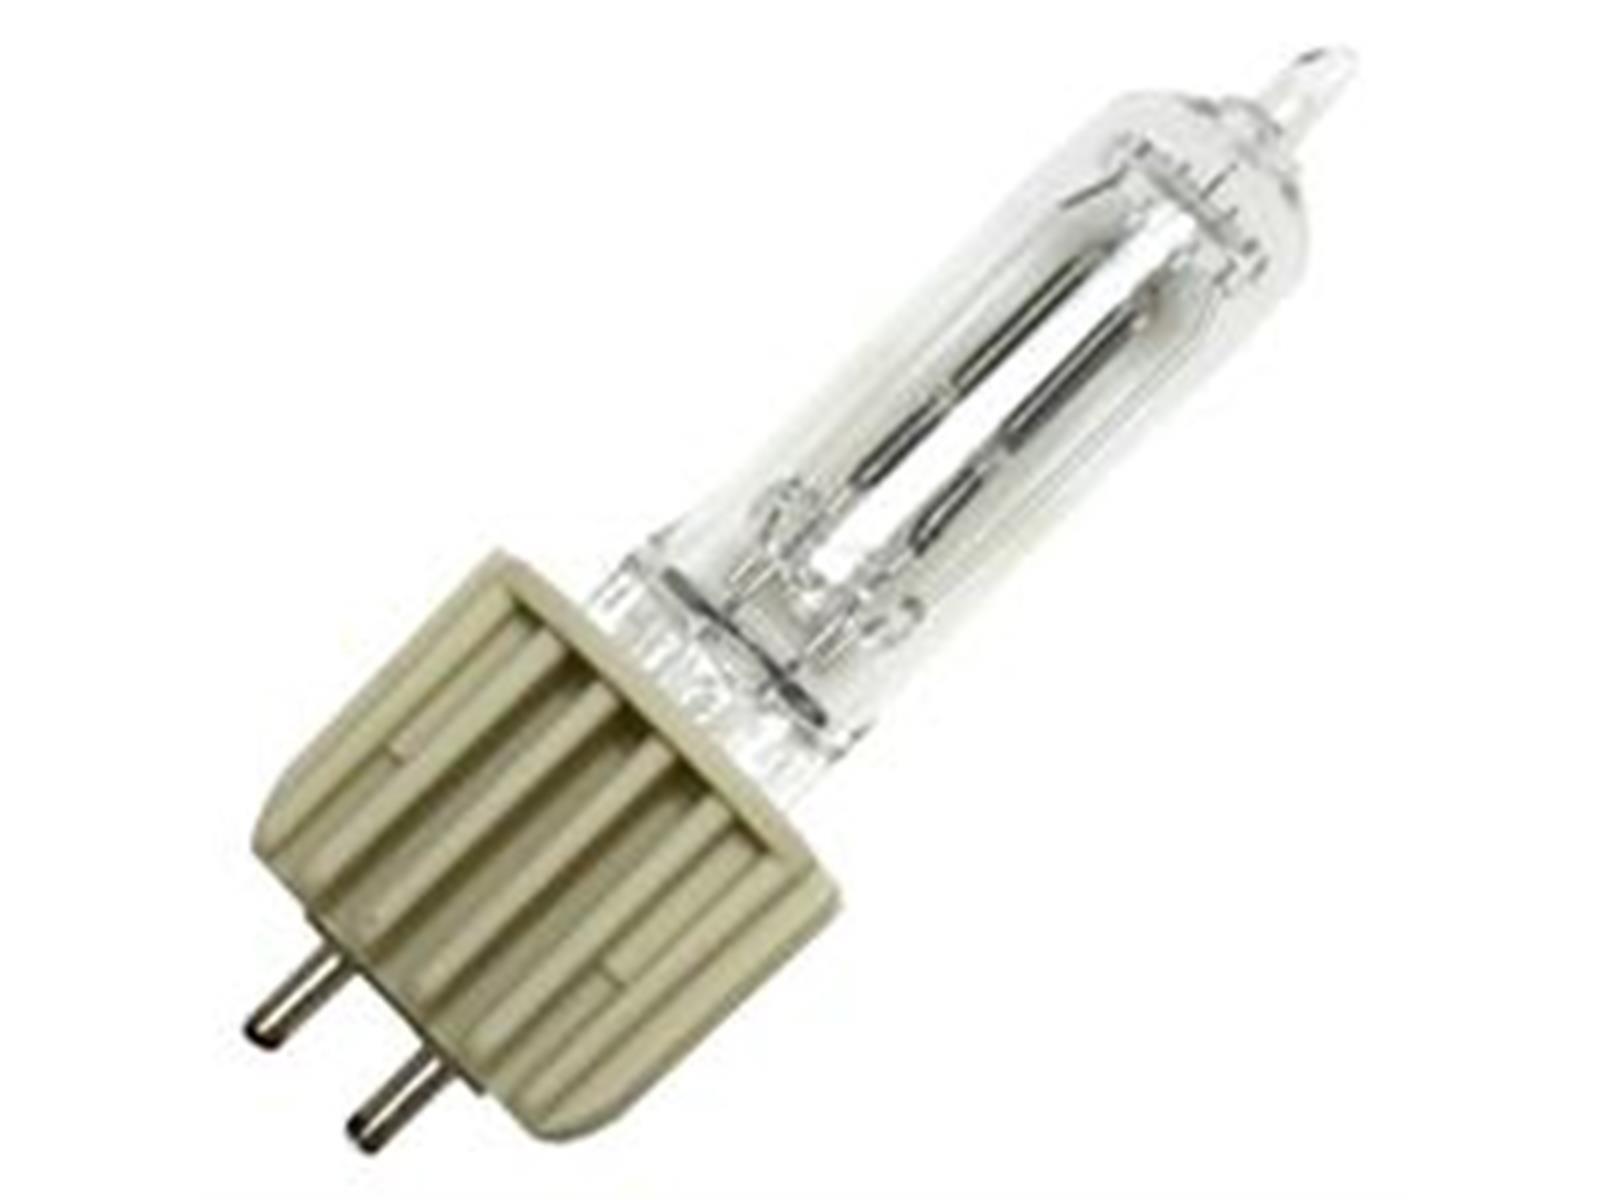 10 Qty. HPL 750w-115v Ushio HPL750 1000675 Lamp Bulb